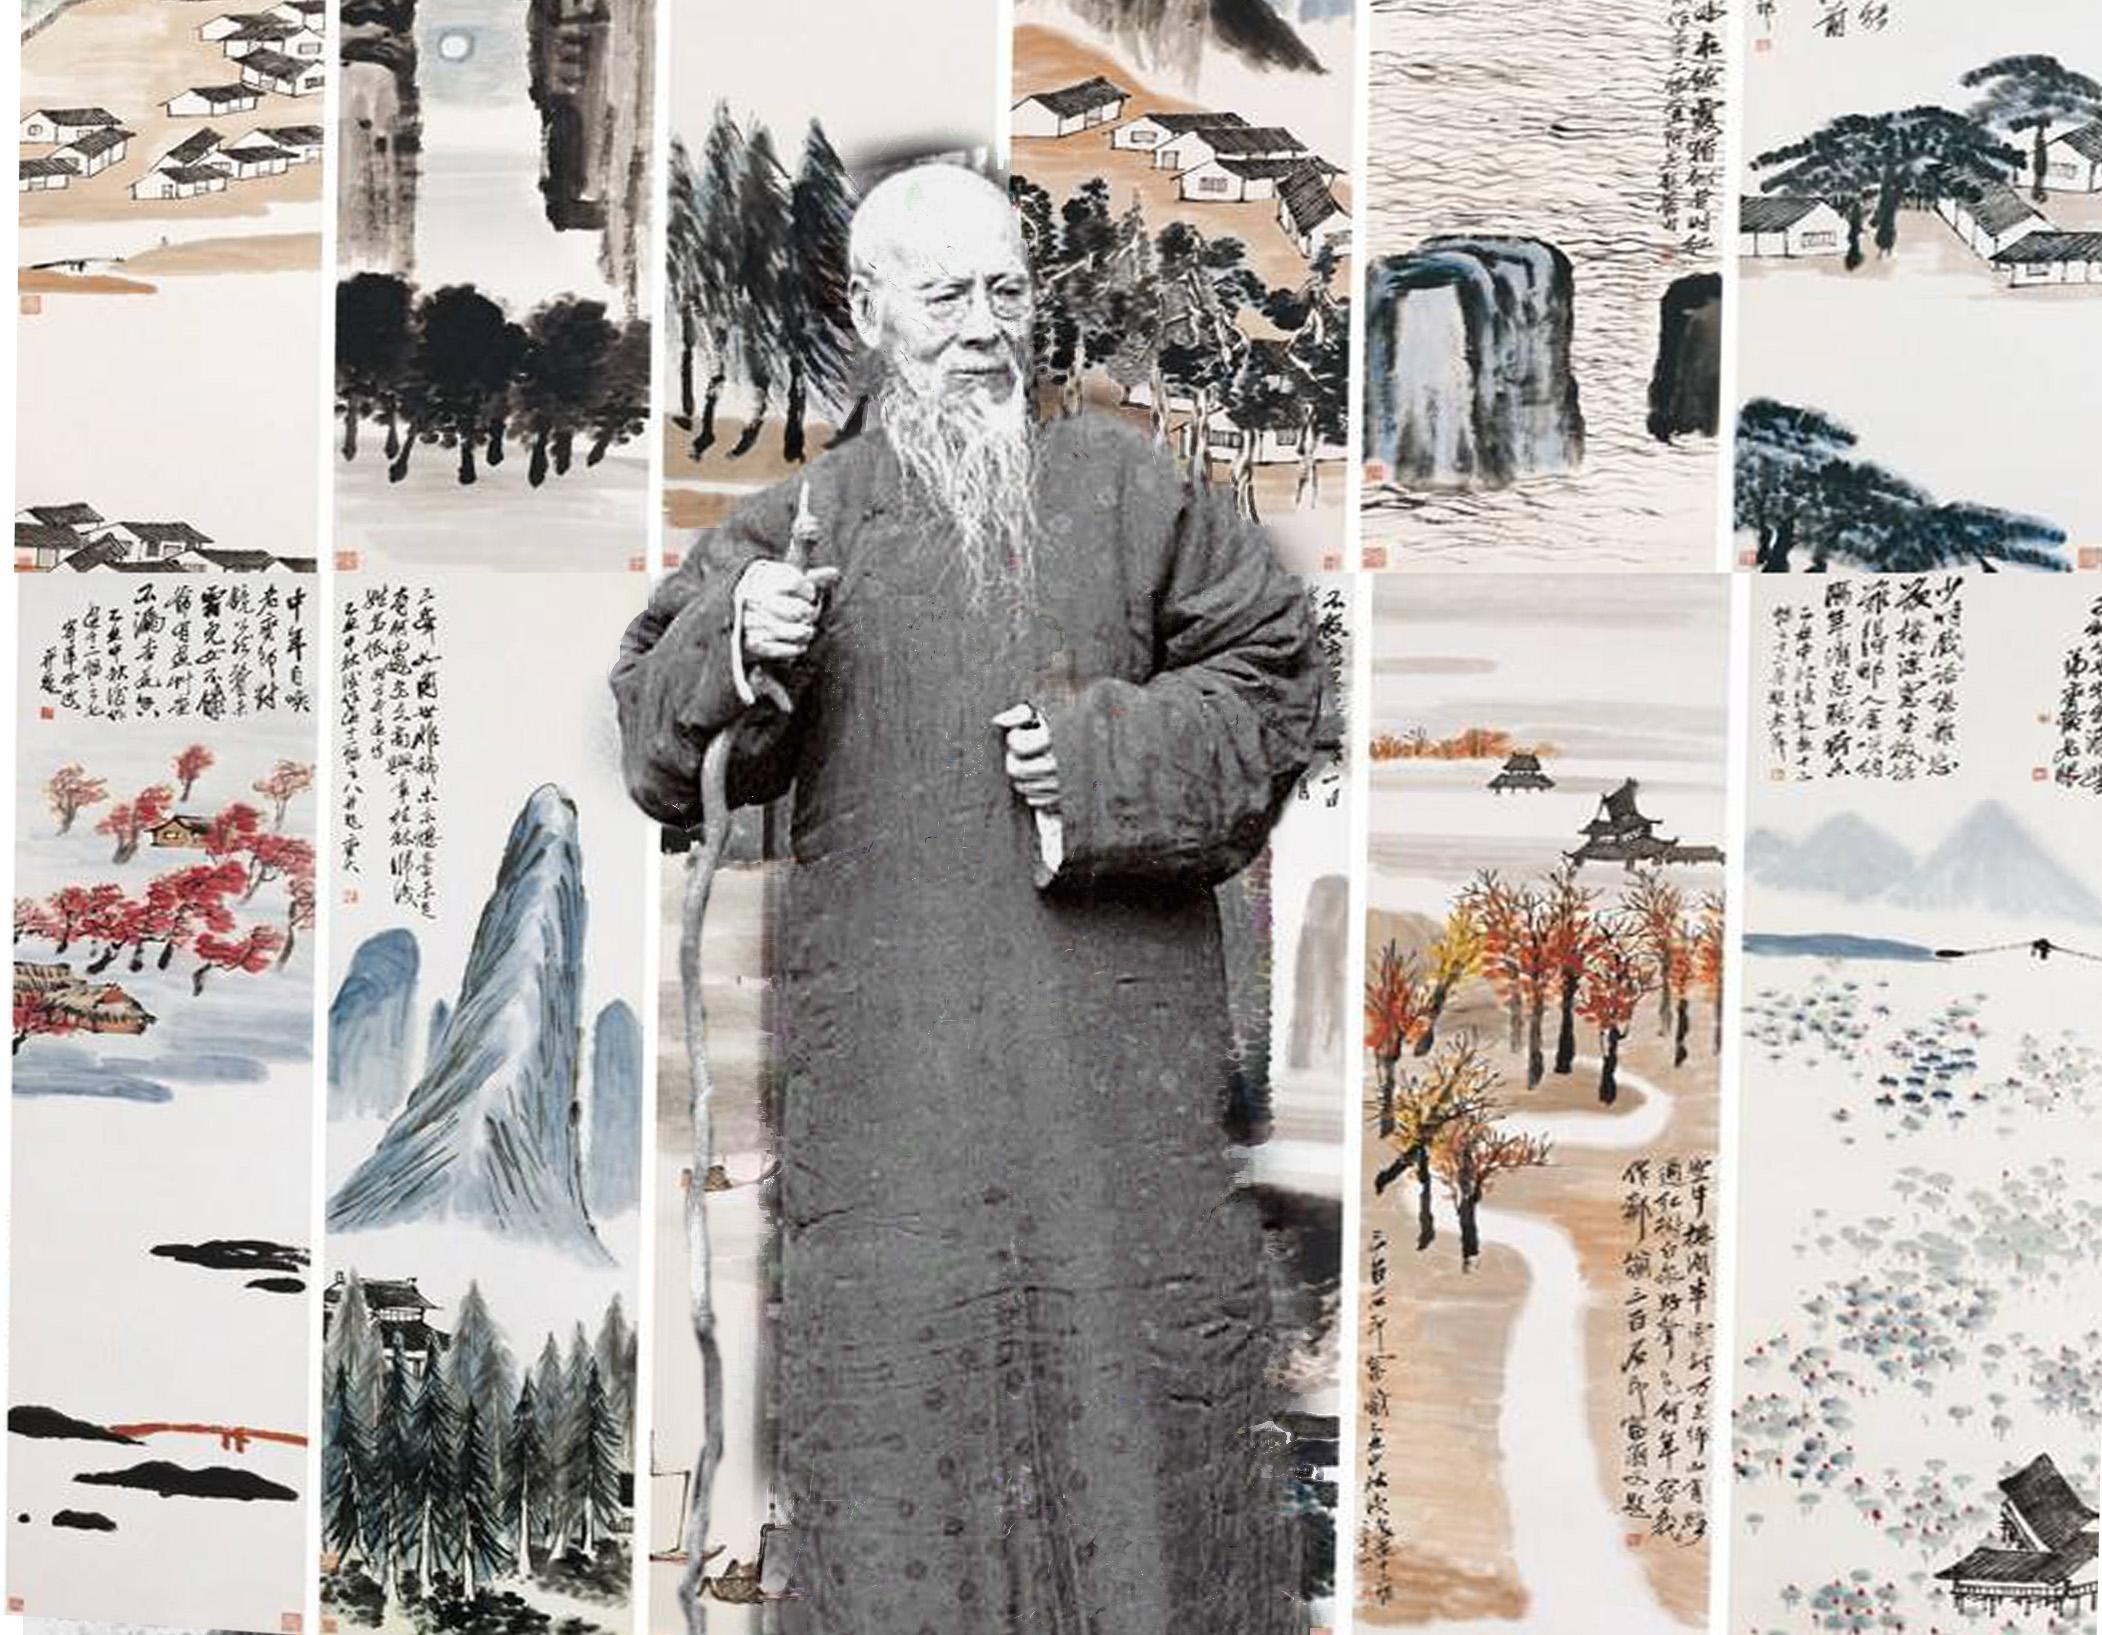 齐白石《山水十二屏》拍出9.3亿成最贵中国艺术品